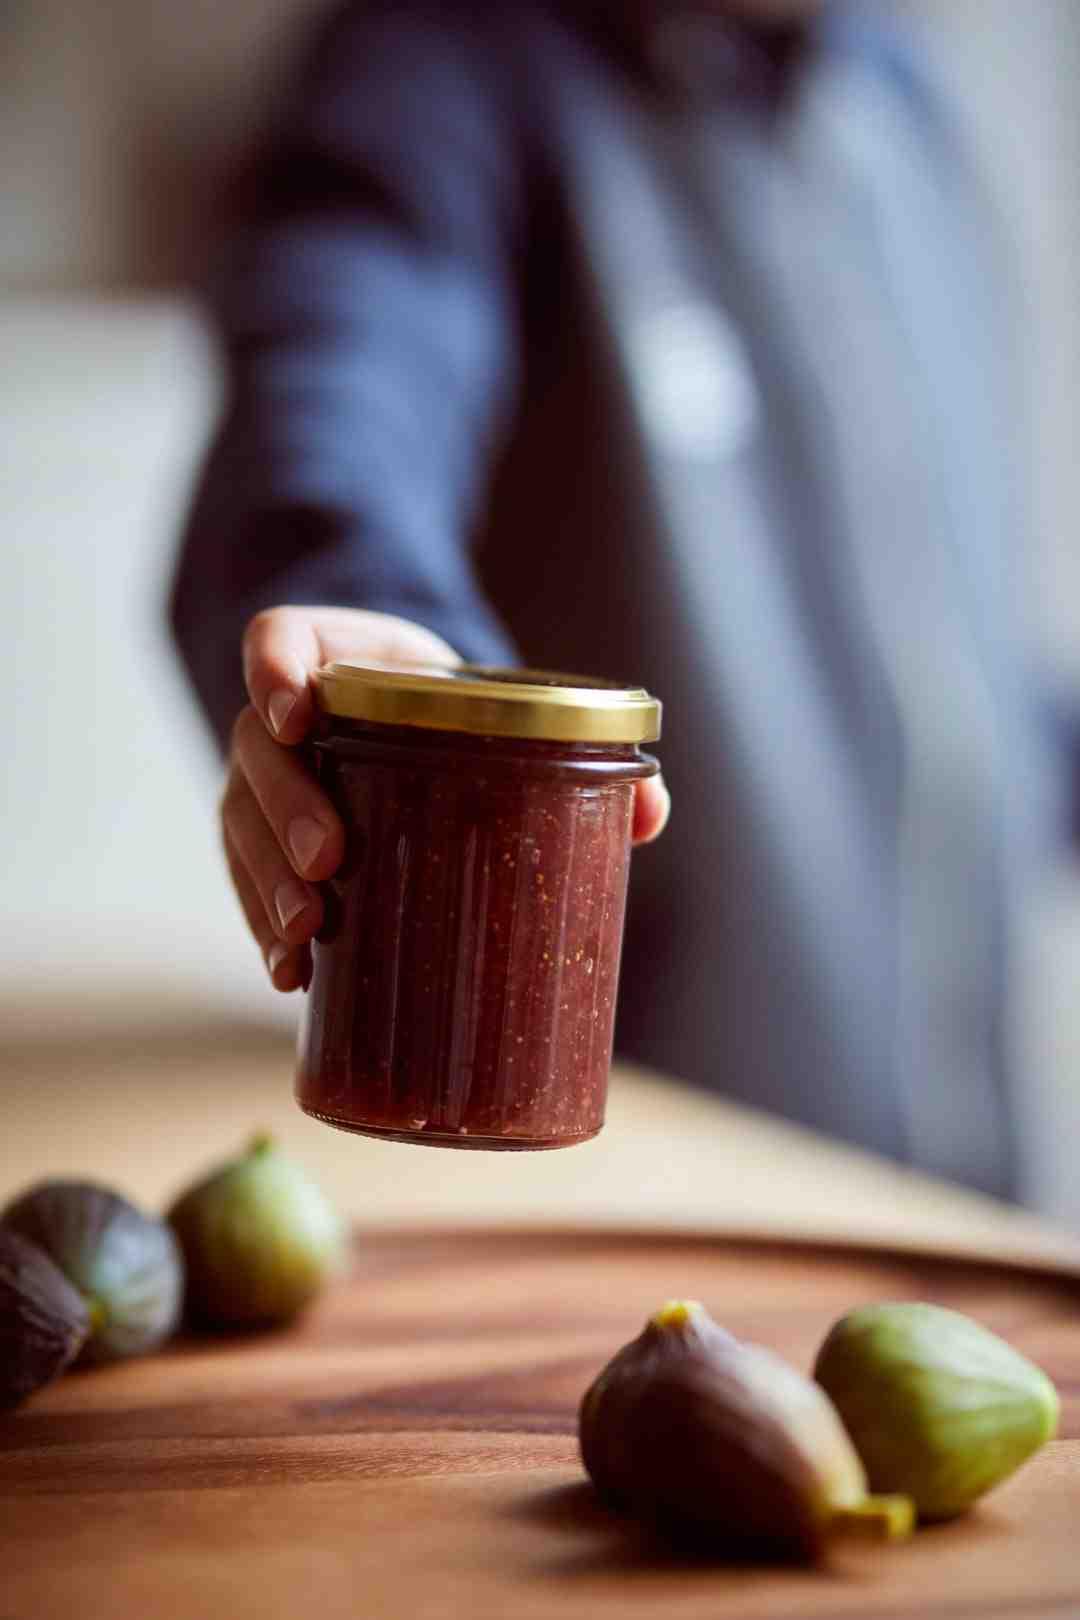 Comment enlever l'amertume d'une confiture de prune ?